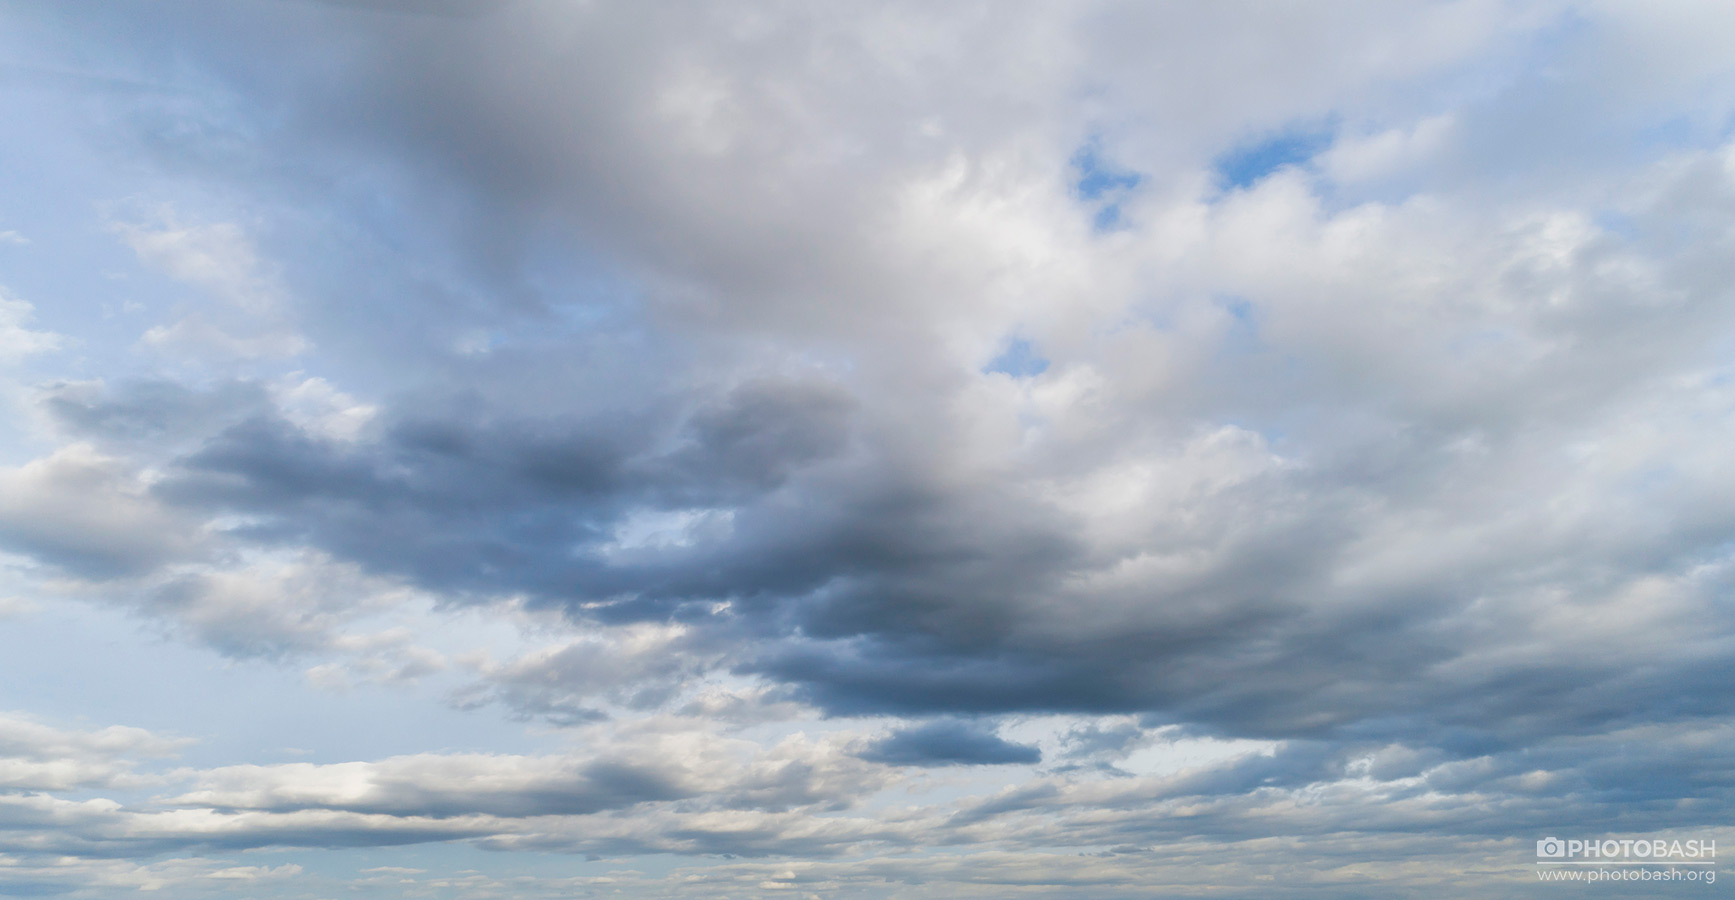 Blue-Skies-Day-Clouds.jpg